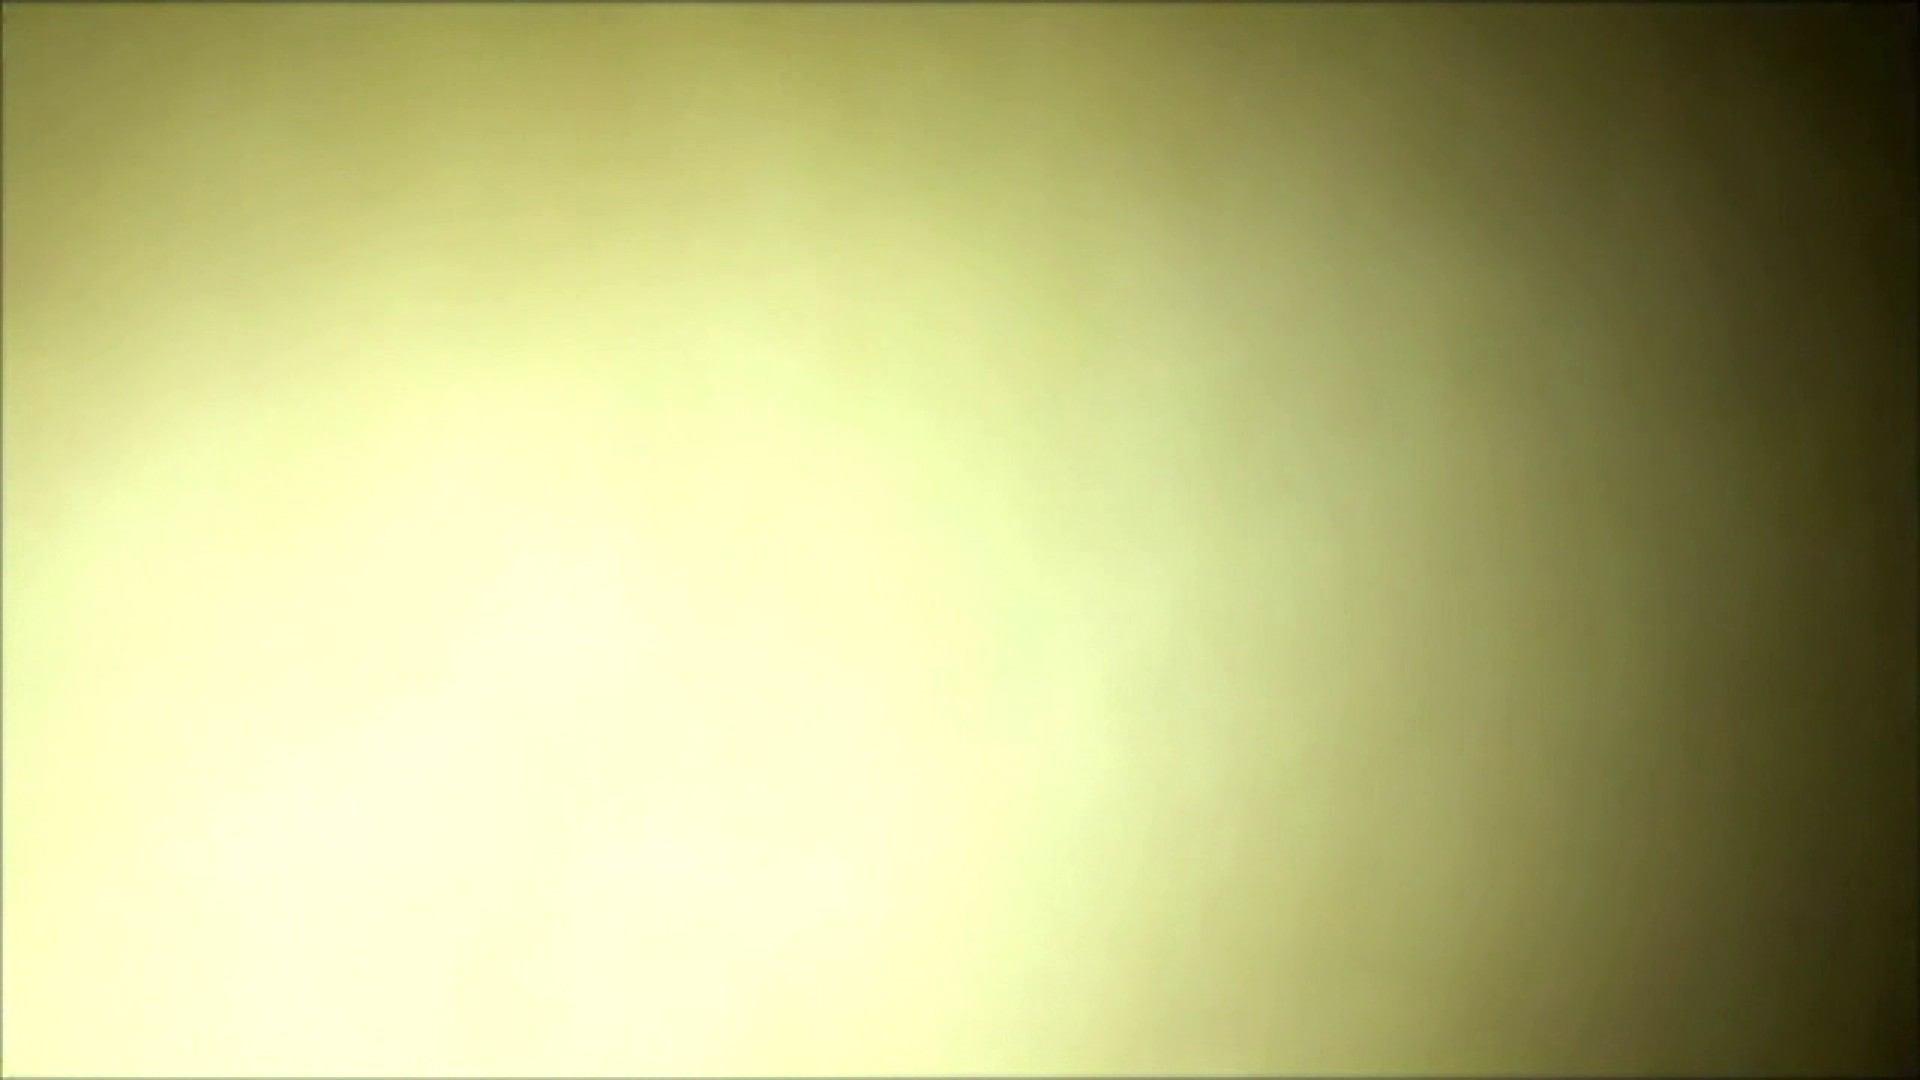 魔術師の お・も・て・な・し vol.15 ギャル系女子大生にブチ込ム! 女子大生特集 ワレメ無修正動画無料 69連発 41